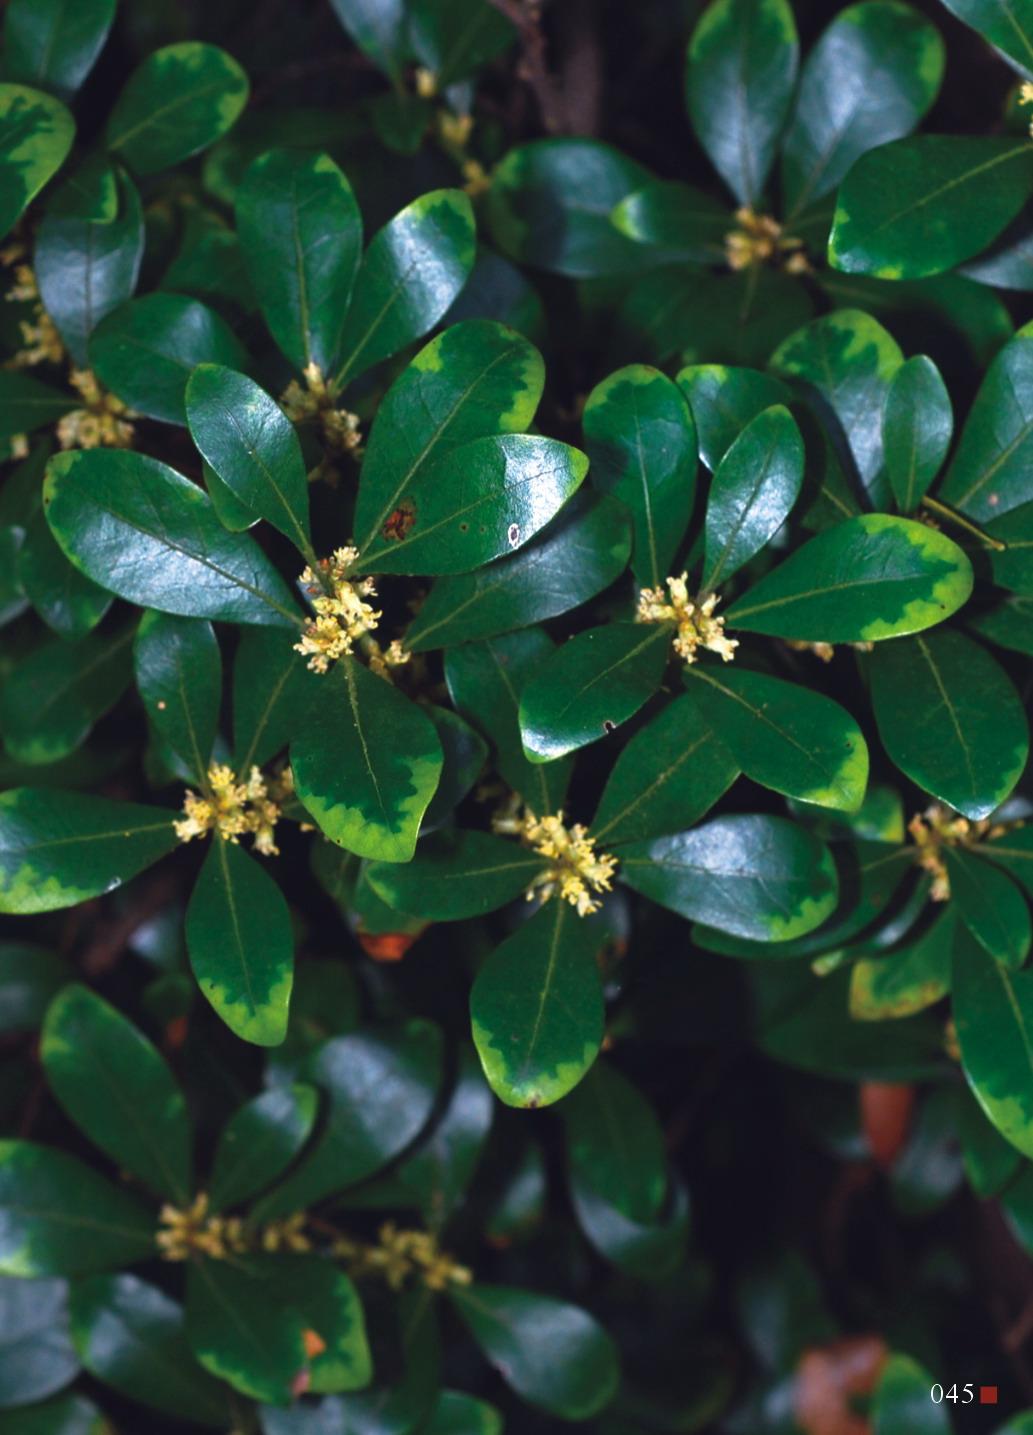 白背木薑子樹姿優雅,可推廣作為景觀植物